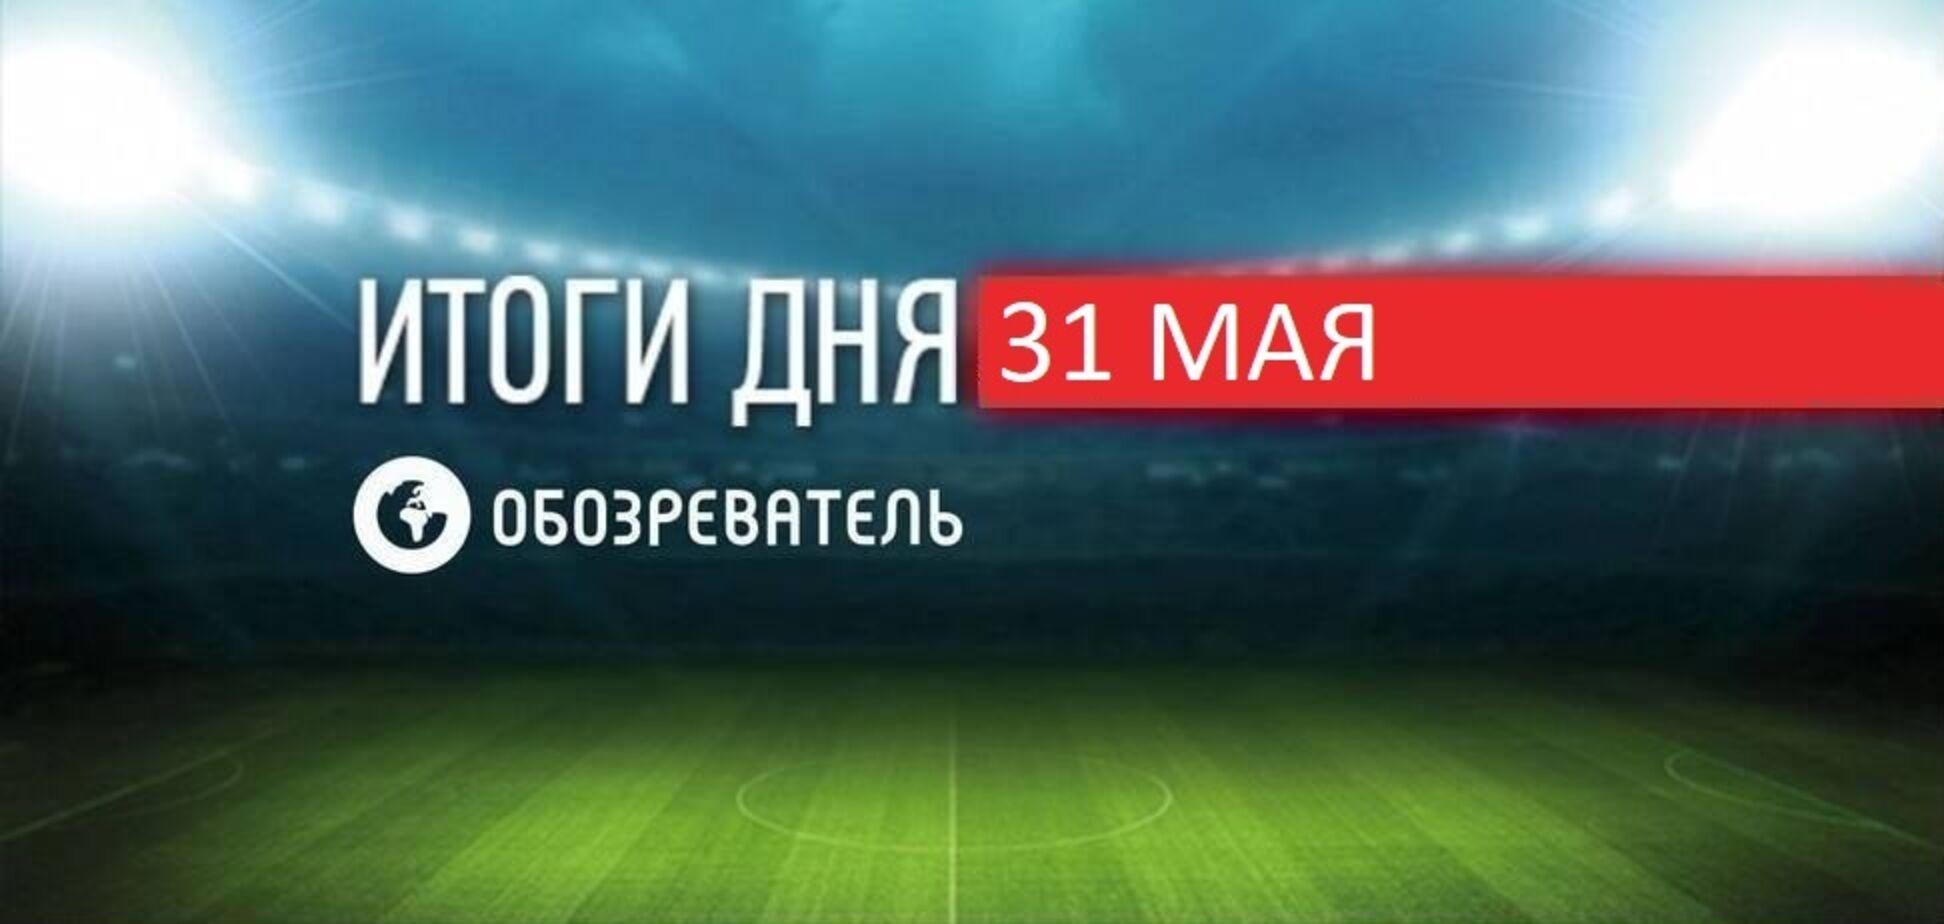 Новини спорту 31 травня: гравець 'Динамо' відмовився грати за Україну, Костюк створила сенсацію на Roland Garros